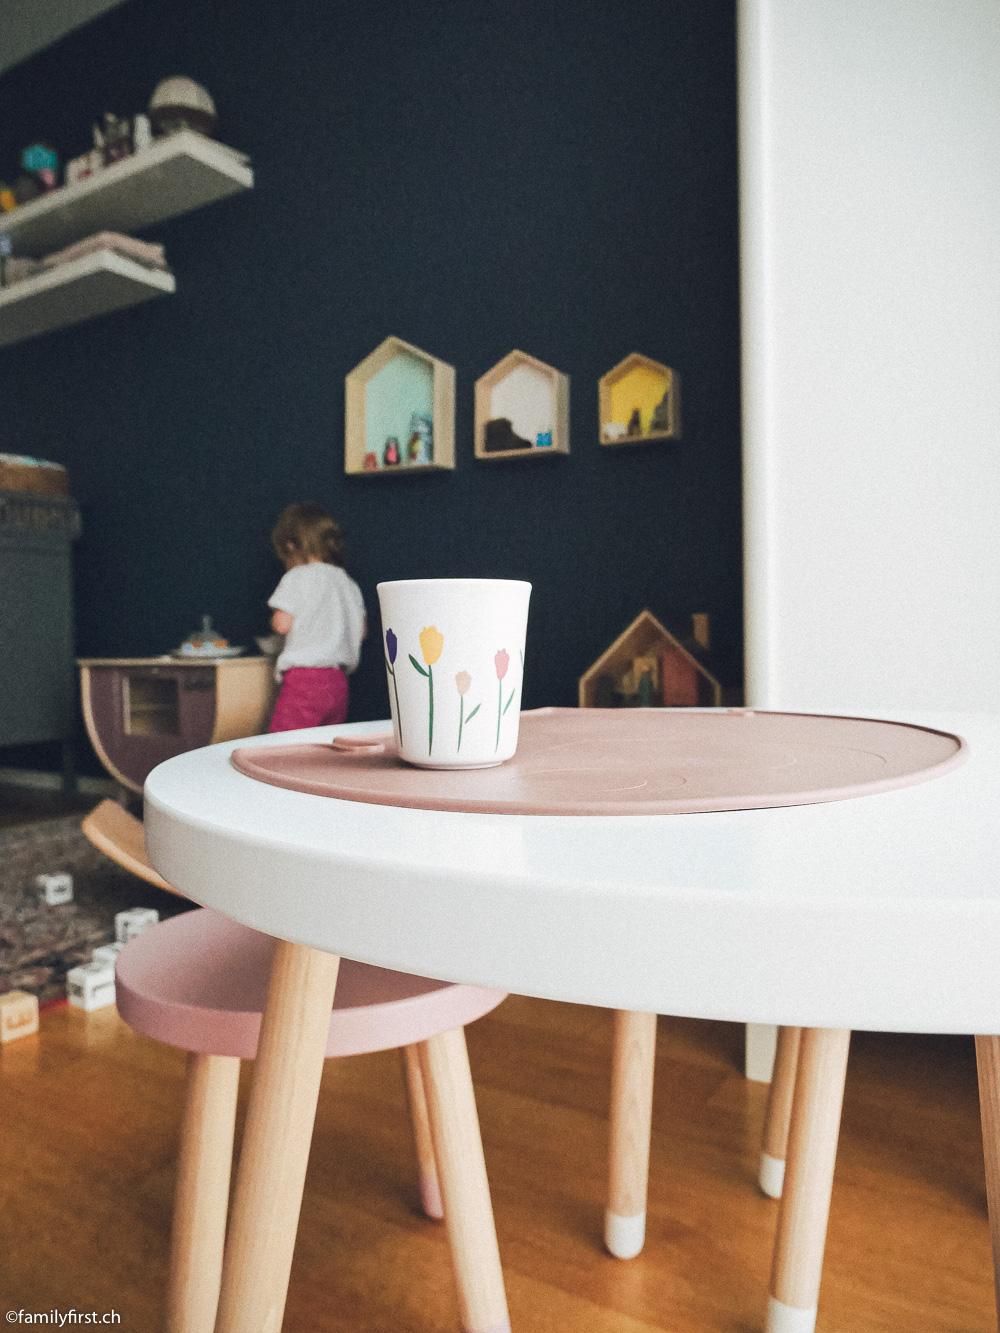 Sebra Interior Möbel und Spielzeuge, Wobbel-Brett und Flexa-Tisch und -Hocker